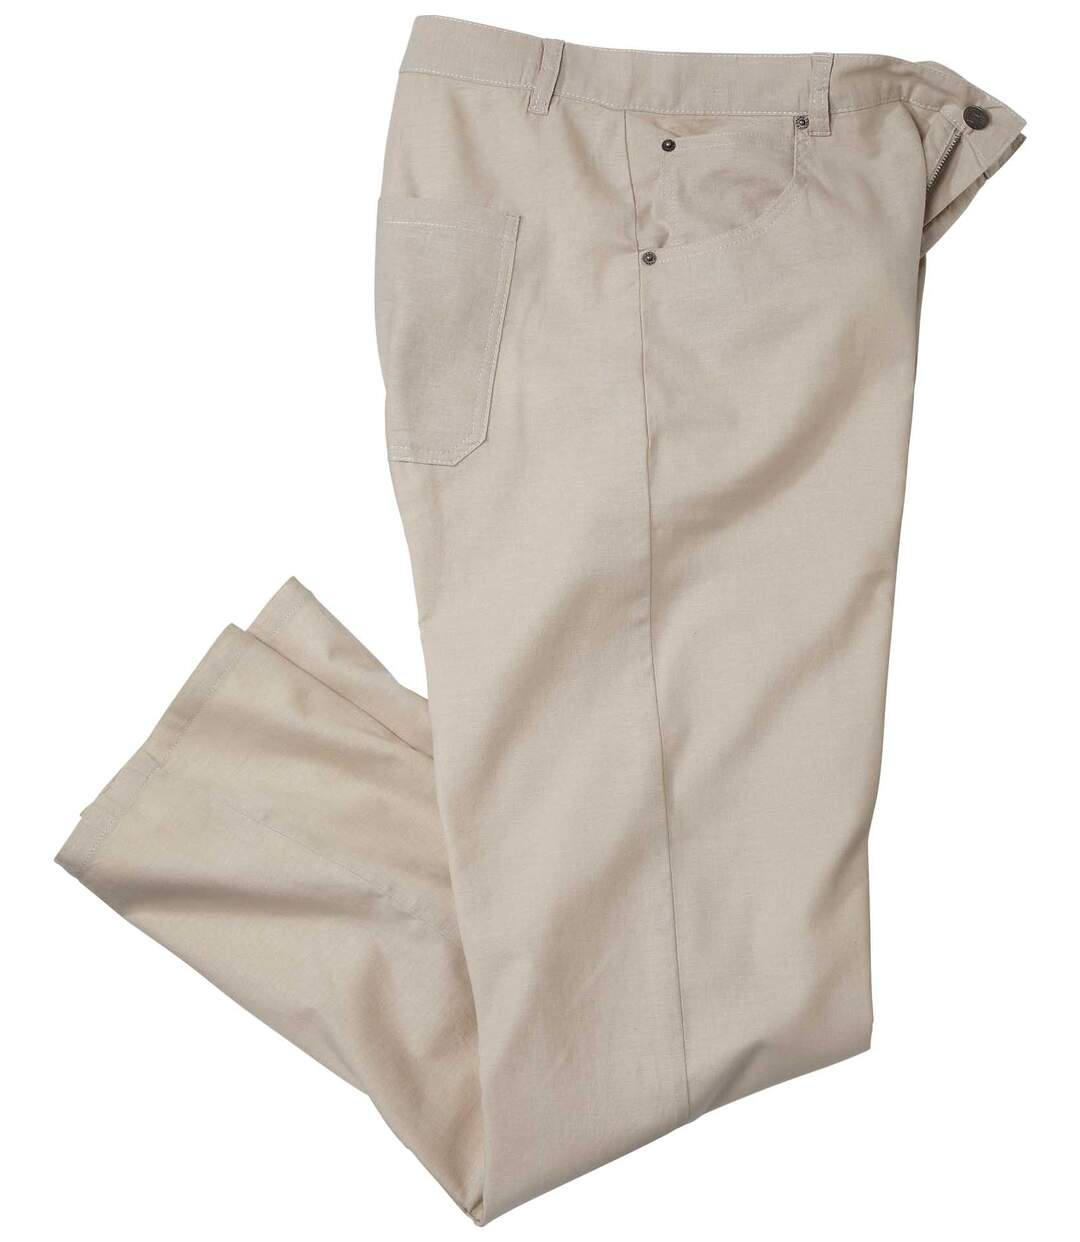 Béžové kalhoty ze strečového směsového materiálu bavlna/len